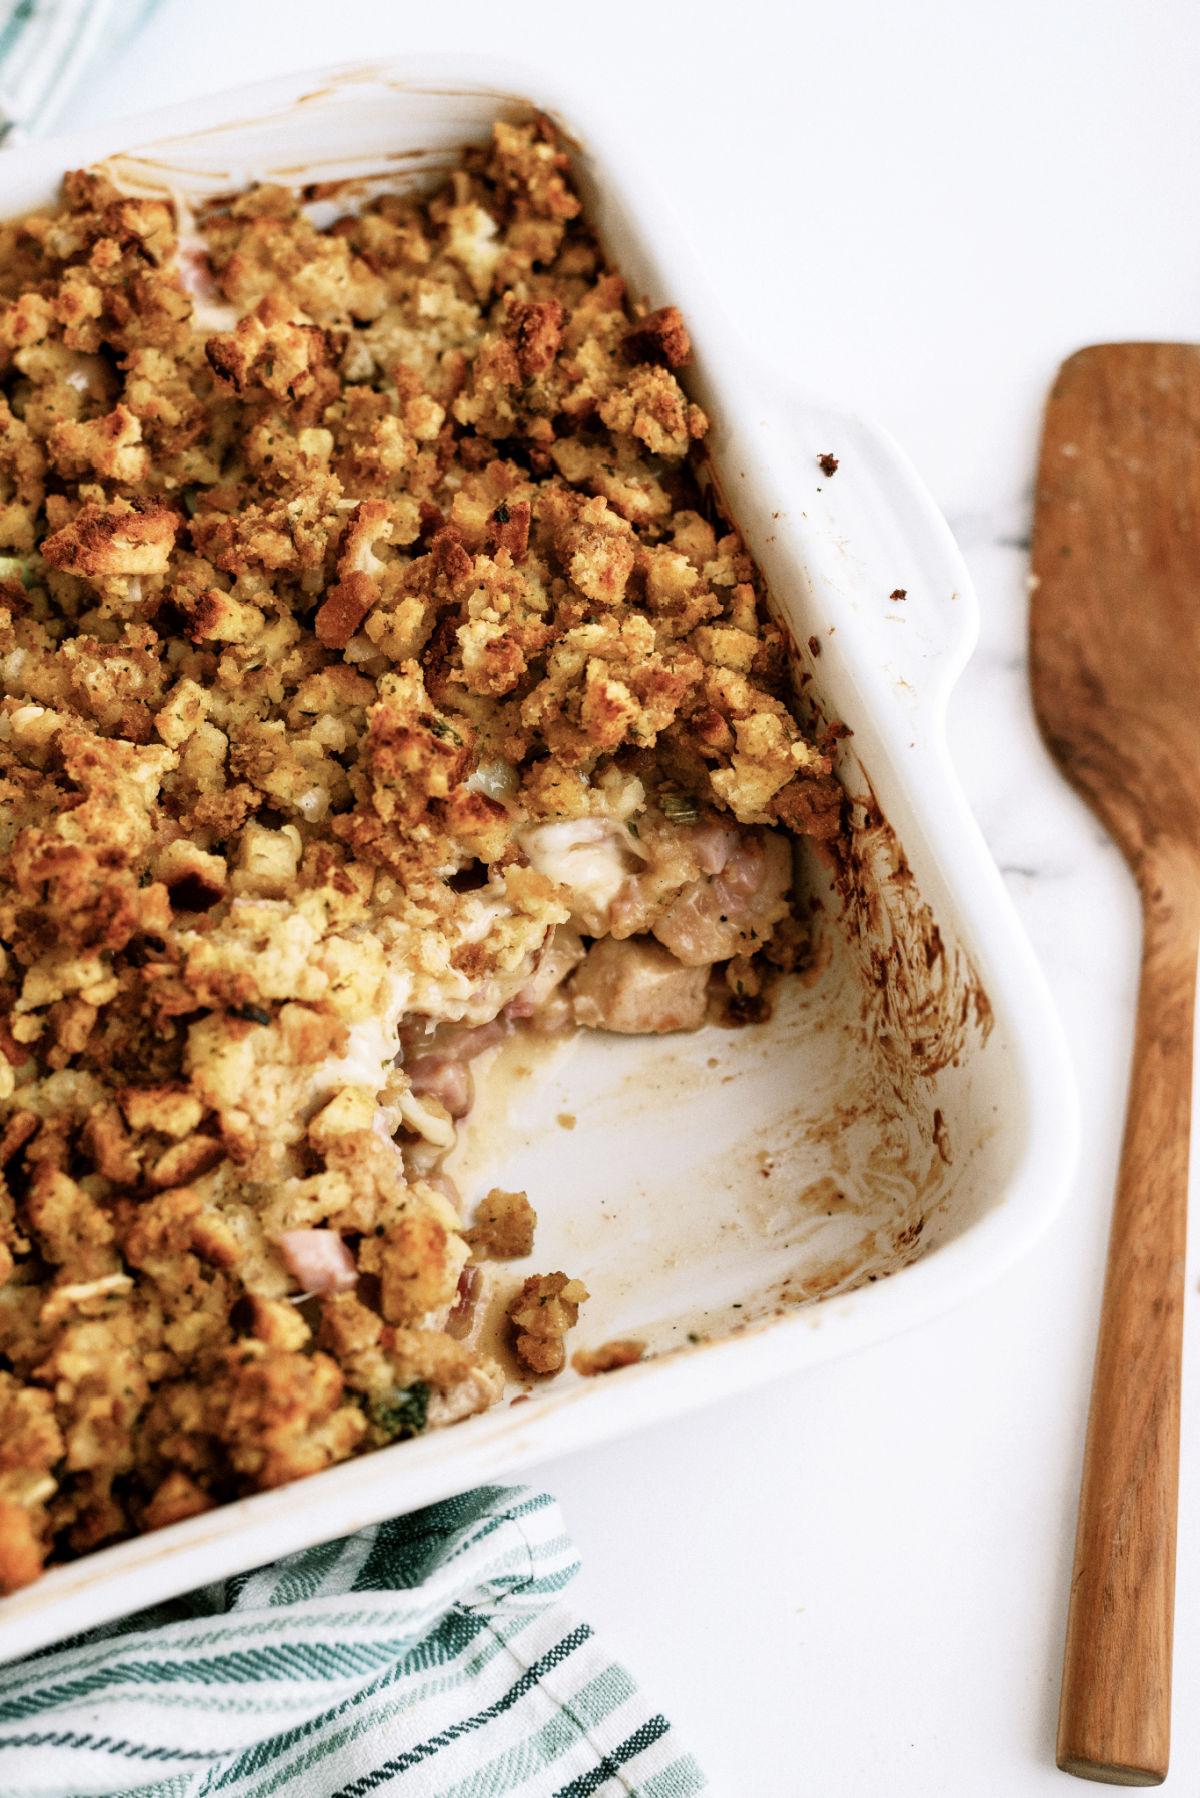 pan of chicken cordon bleu casserole